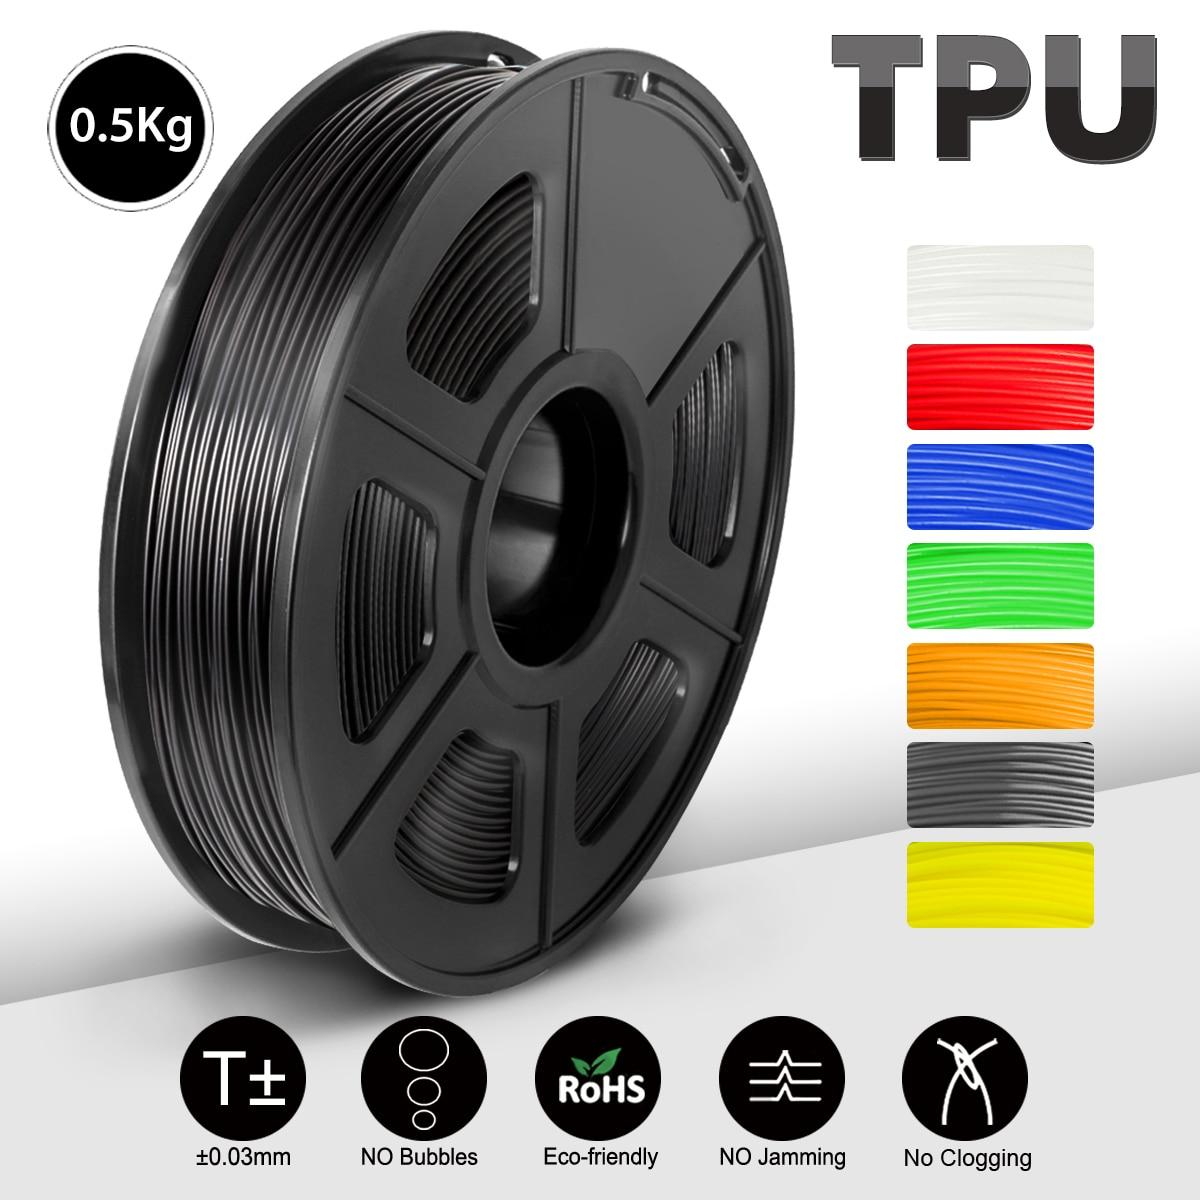 SUNLU 3D Printing Filament Black Flexible TPU Filament 1.75mm 0.5kg(1.1LB) Dimensional Accuracy +/- 0.02 MM Shore 95A